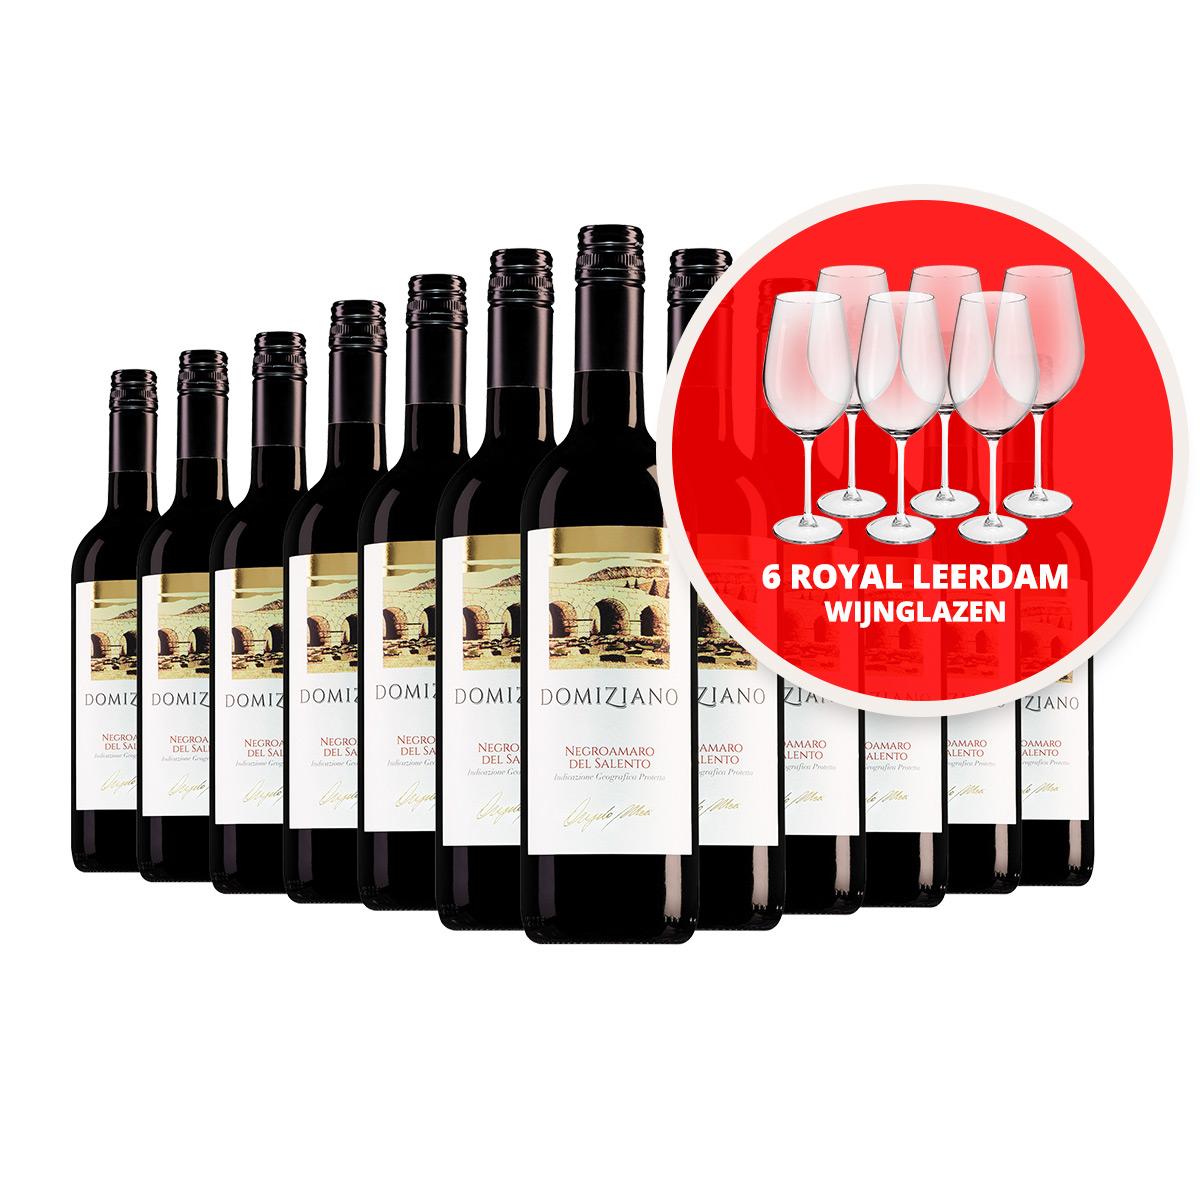 Domiziano wijnpakket + 6 Royal Leerdam wijnglazen